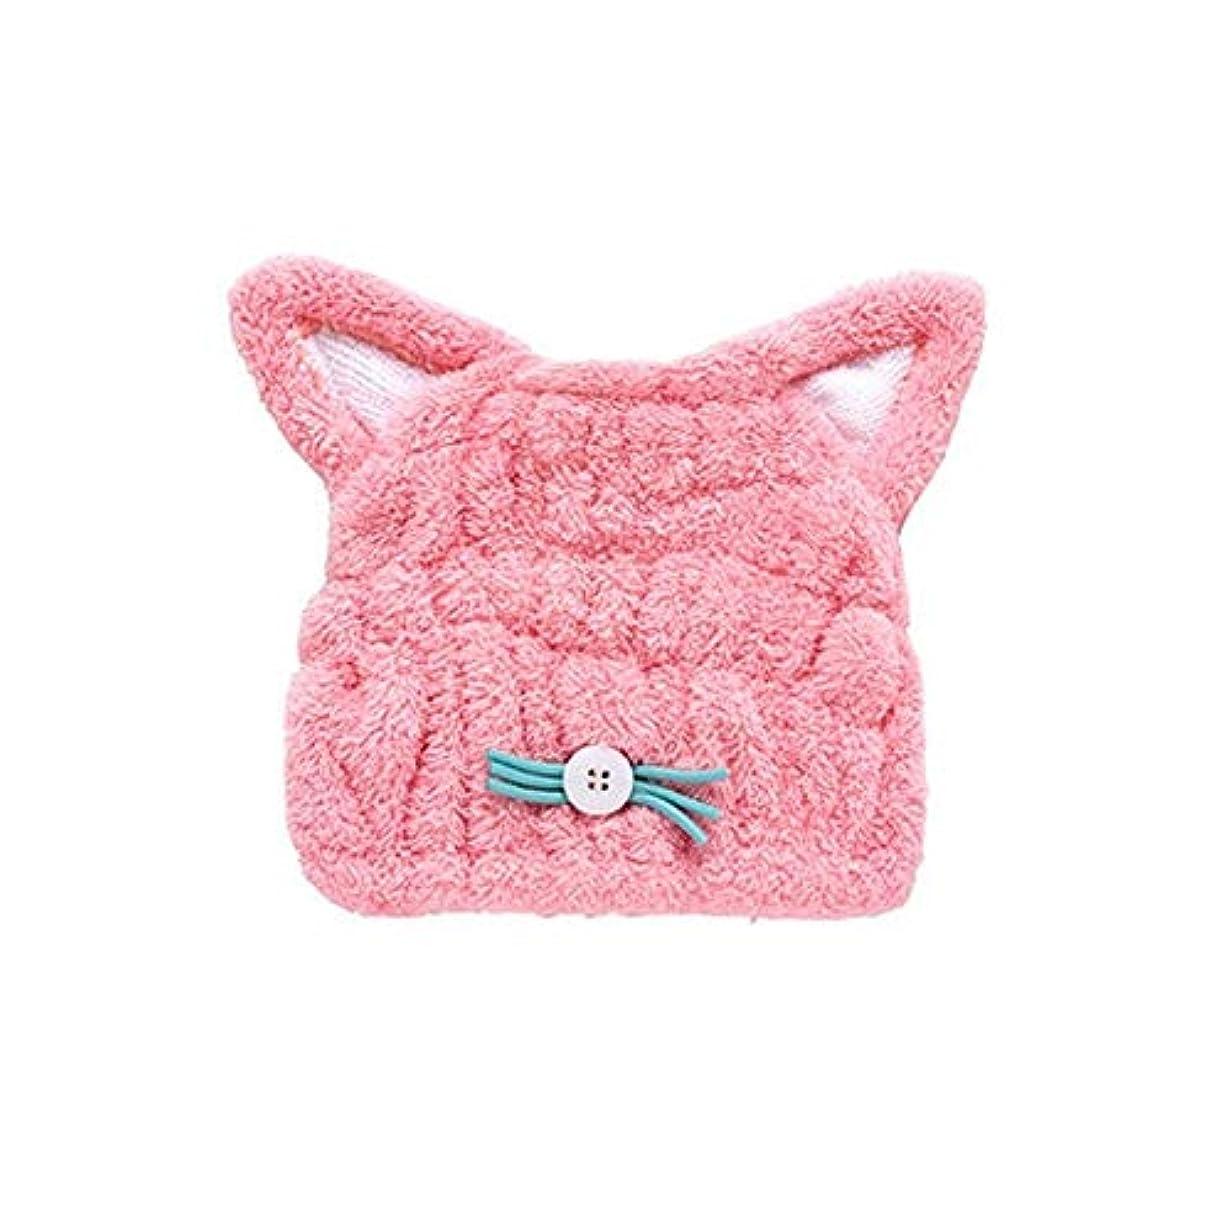 貫入迷信同性愛者JJESC シャワーキャップ、女性豪華なシャワーキャップのすべての髪の長さや太さ、再利用可能なシャワーのに適したキュートなドライシャワーキャップブルーピンク。 (Color : Pink)